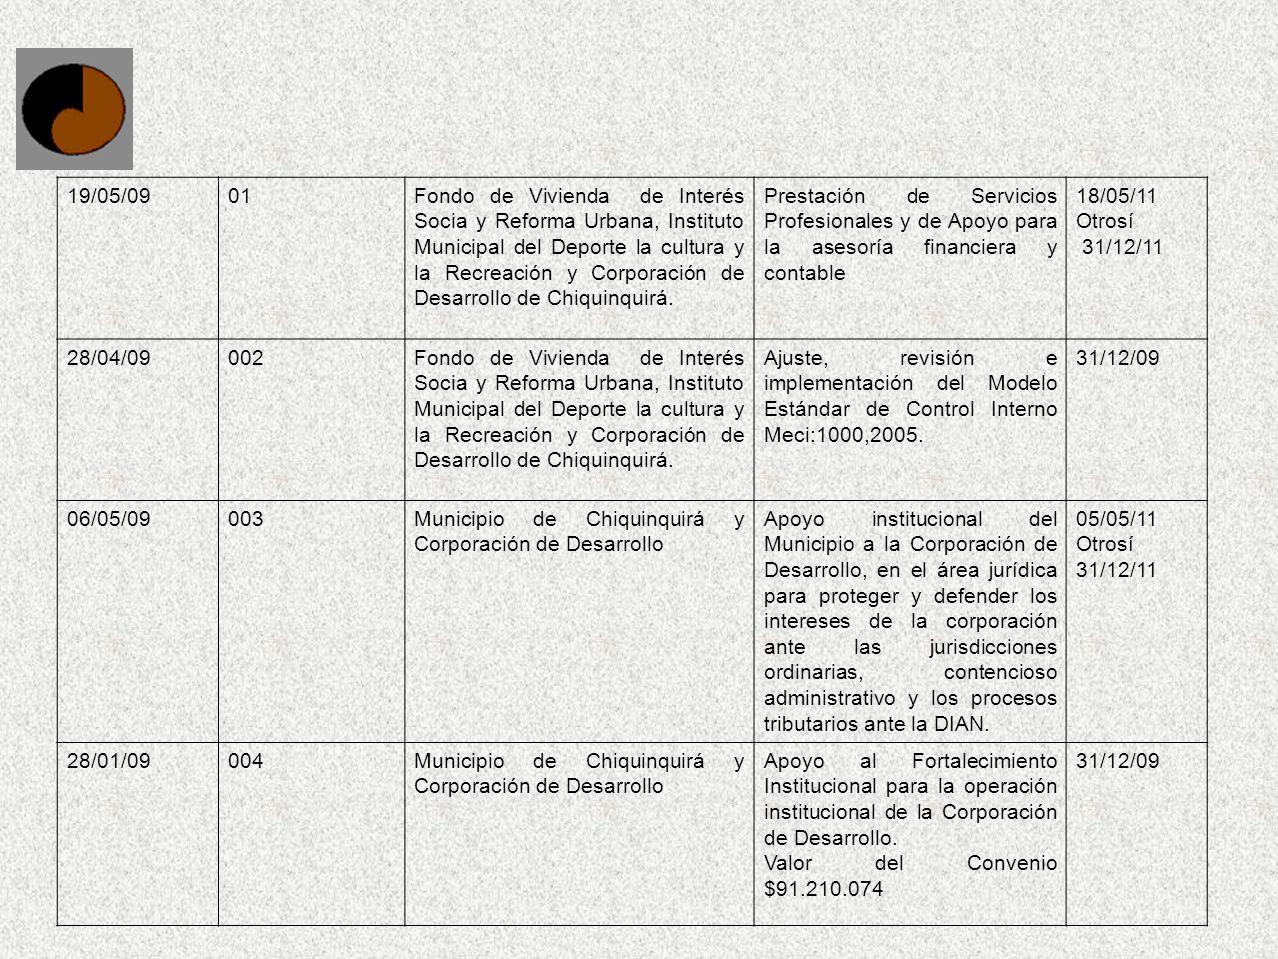 19/05/0901Fondo de Vivienda de Interés Socia y Reforma Urbana, Instituto Municipal del Deporte la cultura y la Recreación y Corporación de Desarrollo